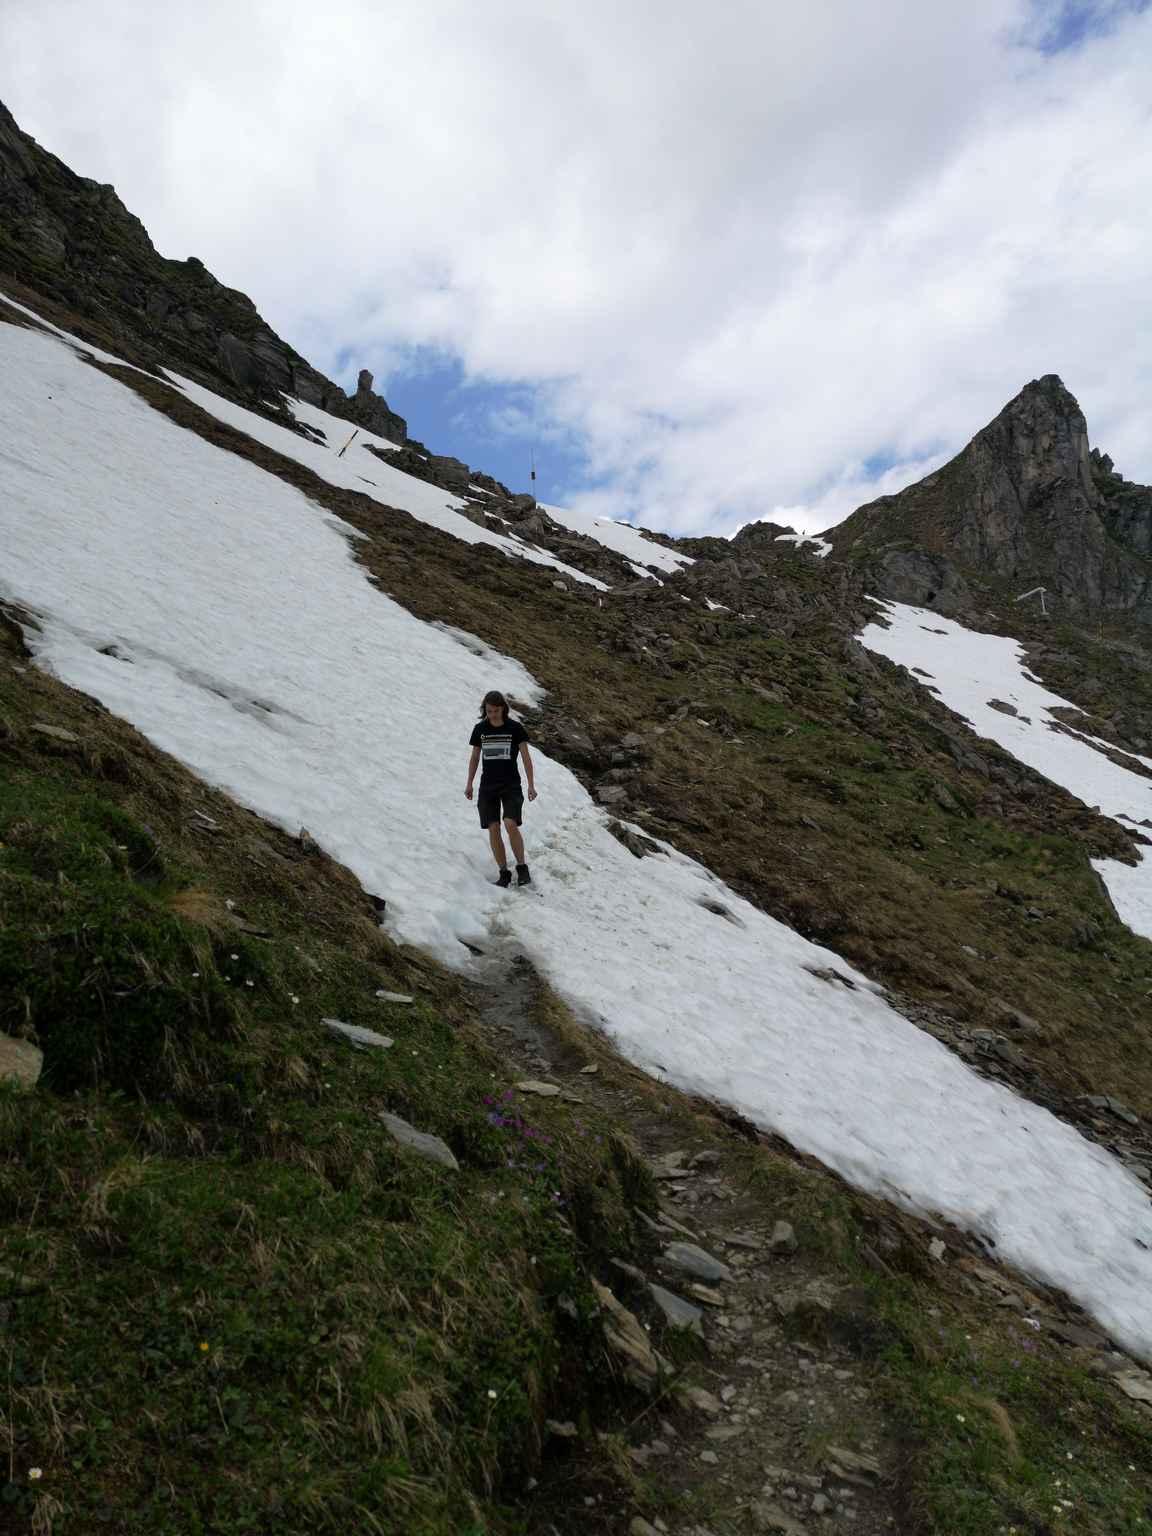 Välillä reitin varrella oli kohtia, jossa oli ylitettävä varovasti lumipeitteet.